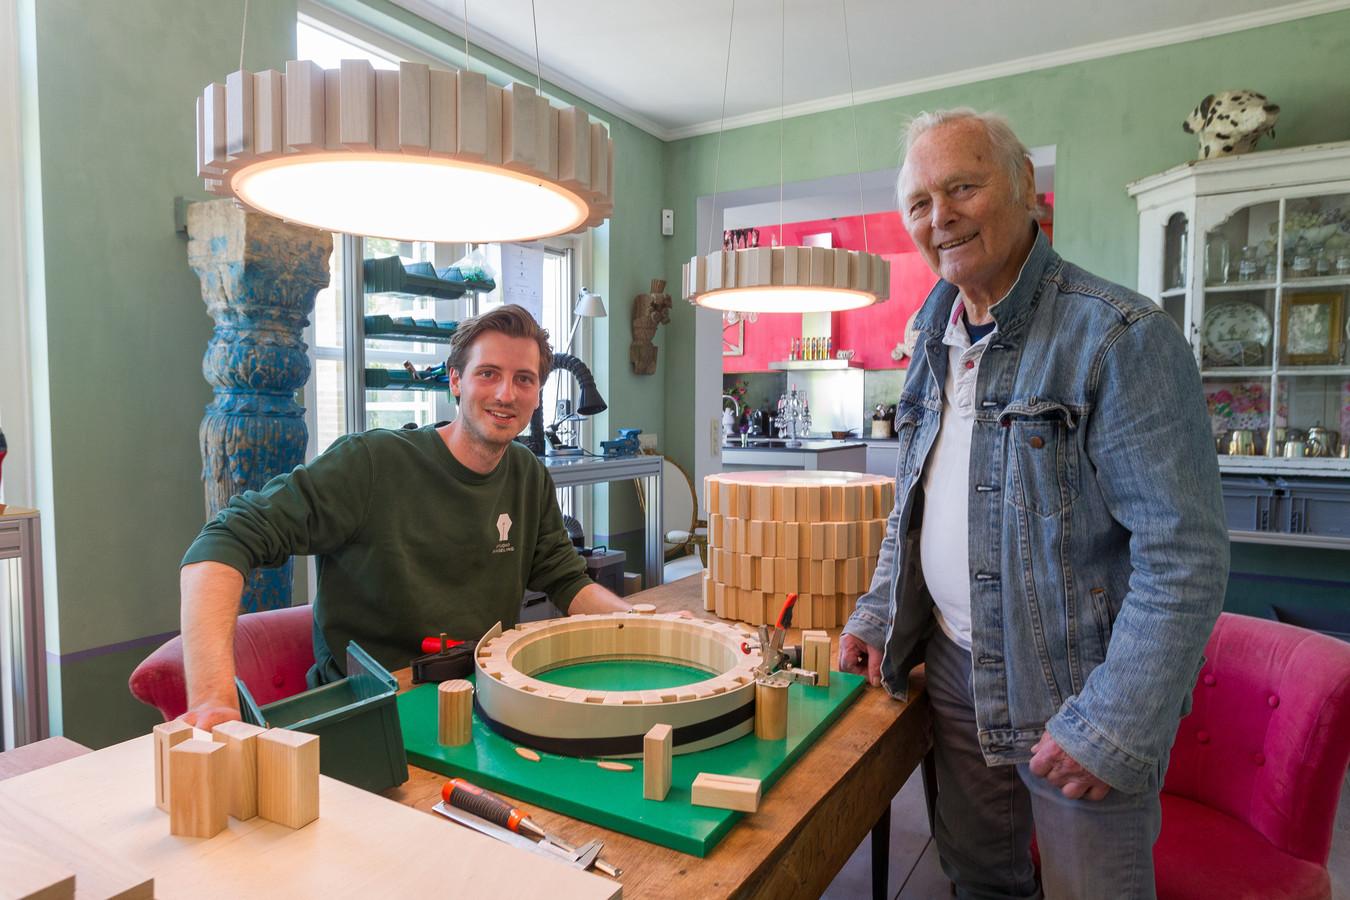 Gijs Ringeling (27, links) met Daan Verbaan (90) in de 'productiestraat' die ze hebben ingericht in de eetkamer van Gijs' ouders.